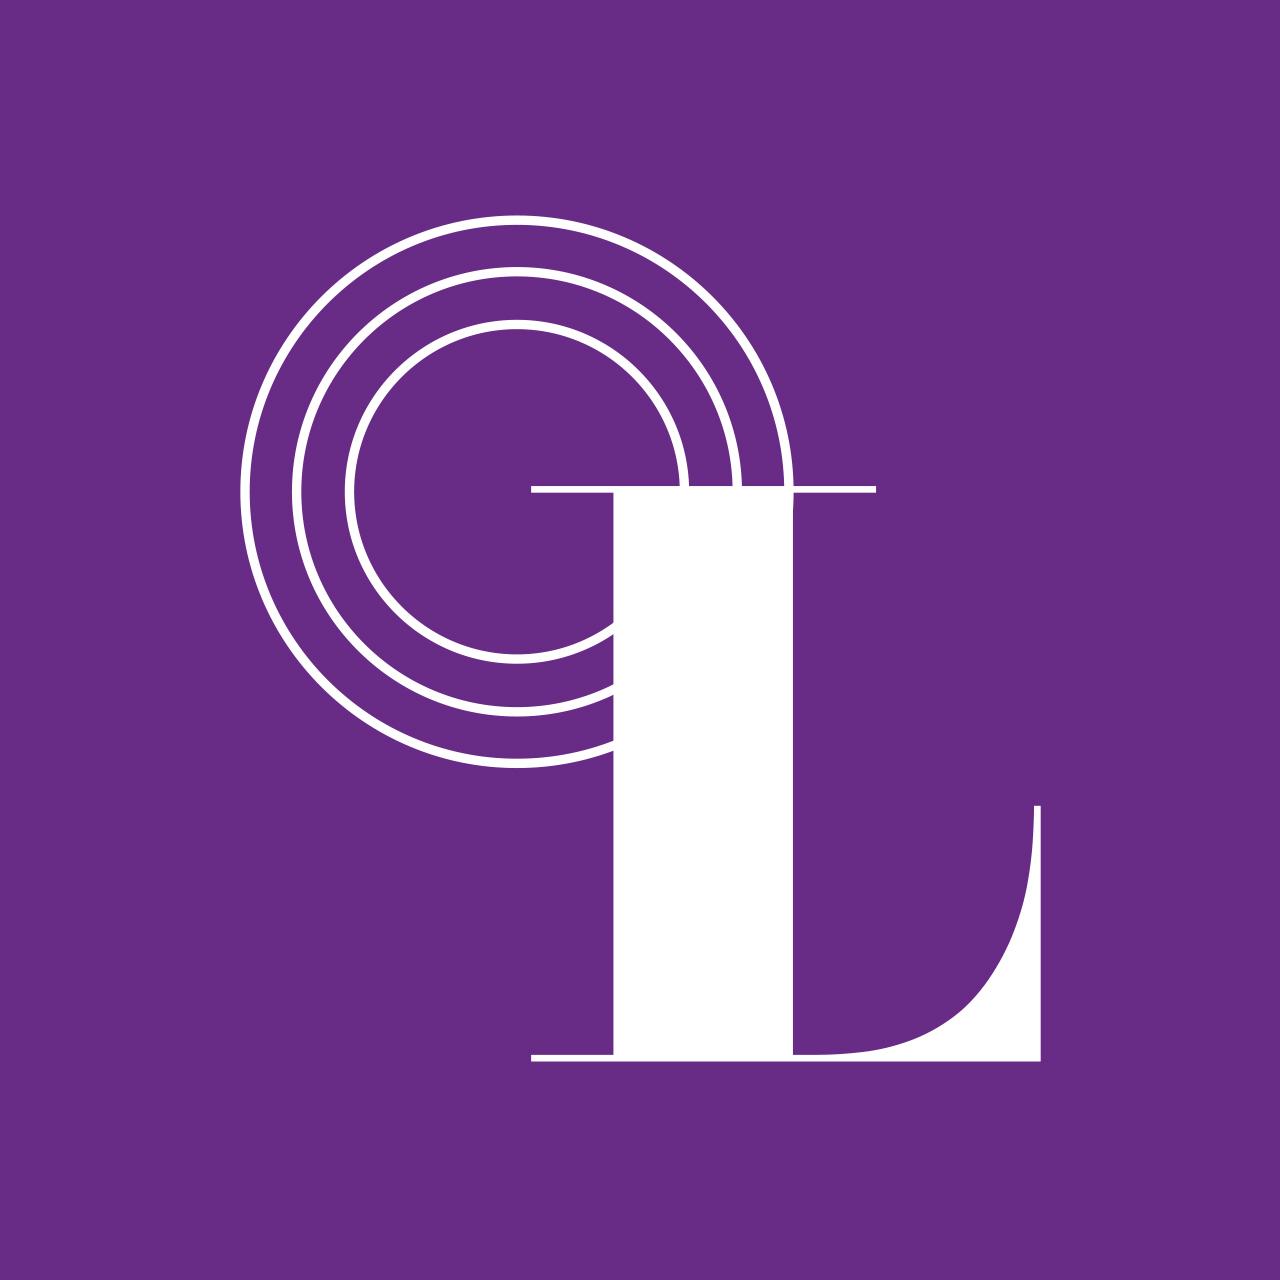 L - Live, Love, Laugh